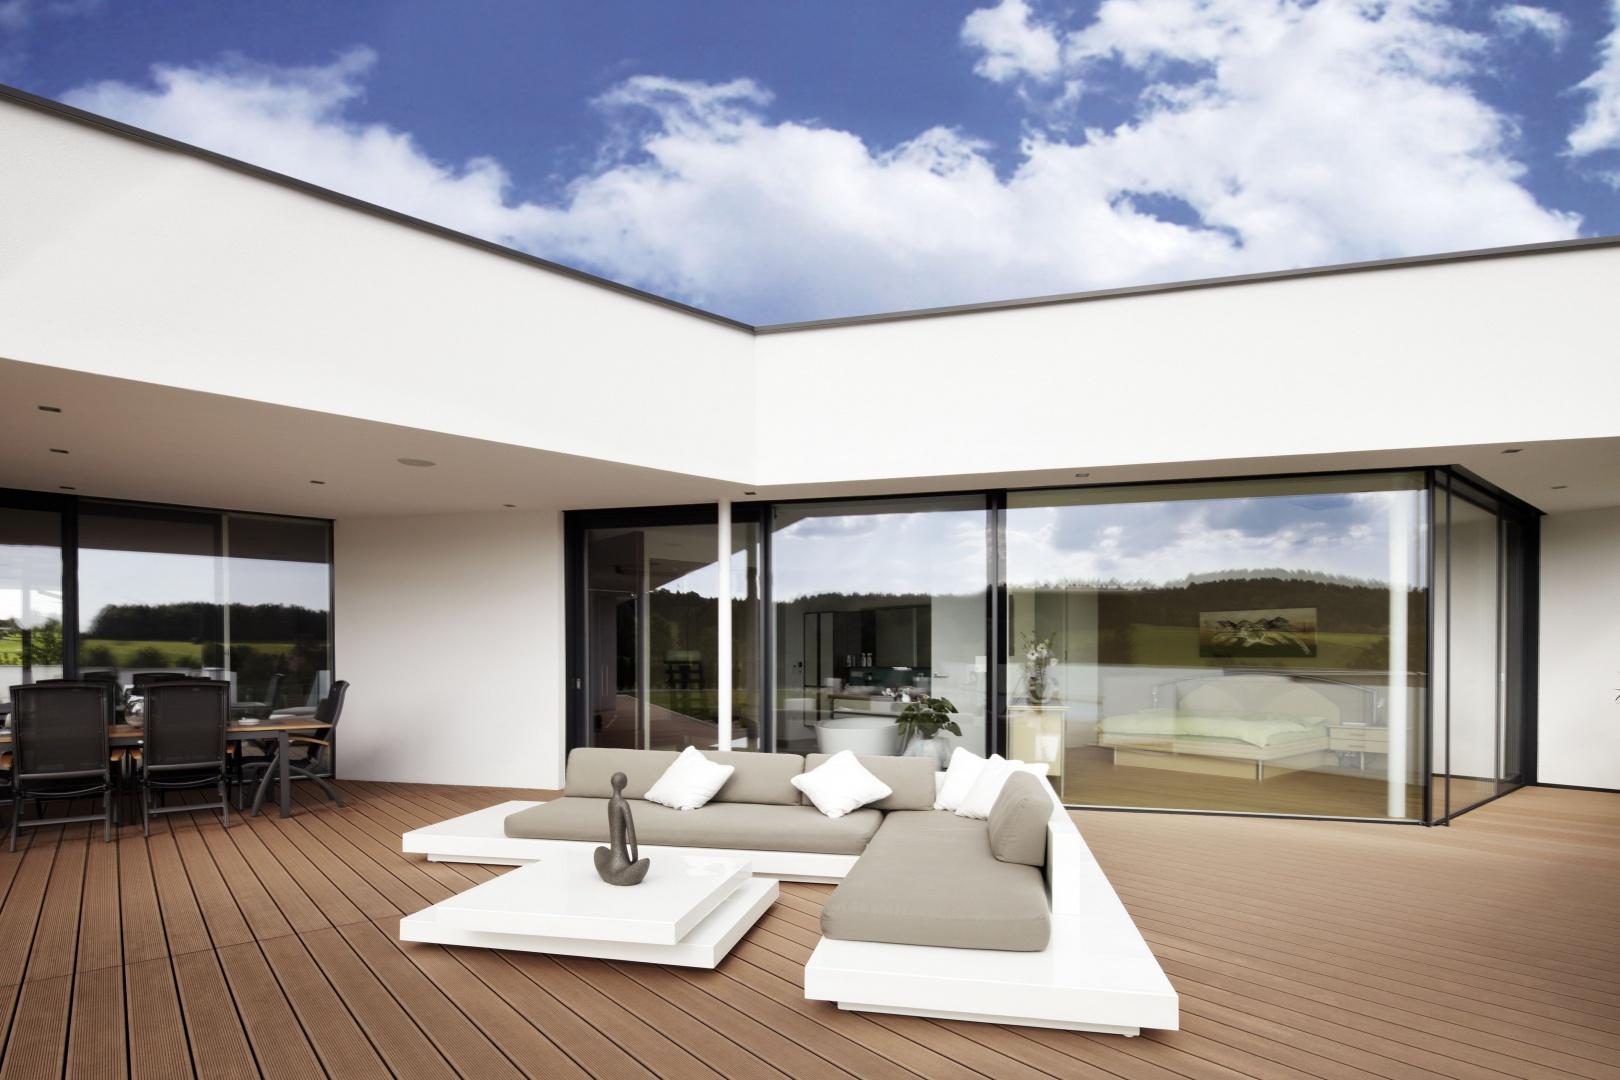 Duże przeszklenia są nieodłącznym elementem nowoczesnej architektury, zarówno ze względów wzorniczych, jak i coraz istotniejszych kwestii energooszczędności. Pomagają ogrzać dom promieniami słońca, a jednocześnie chronią przed ucieczkami ciepła. Poza tym, pięknie się prezentują, otwierając dom na okalające je otoczenie. Fot. Internorm.